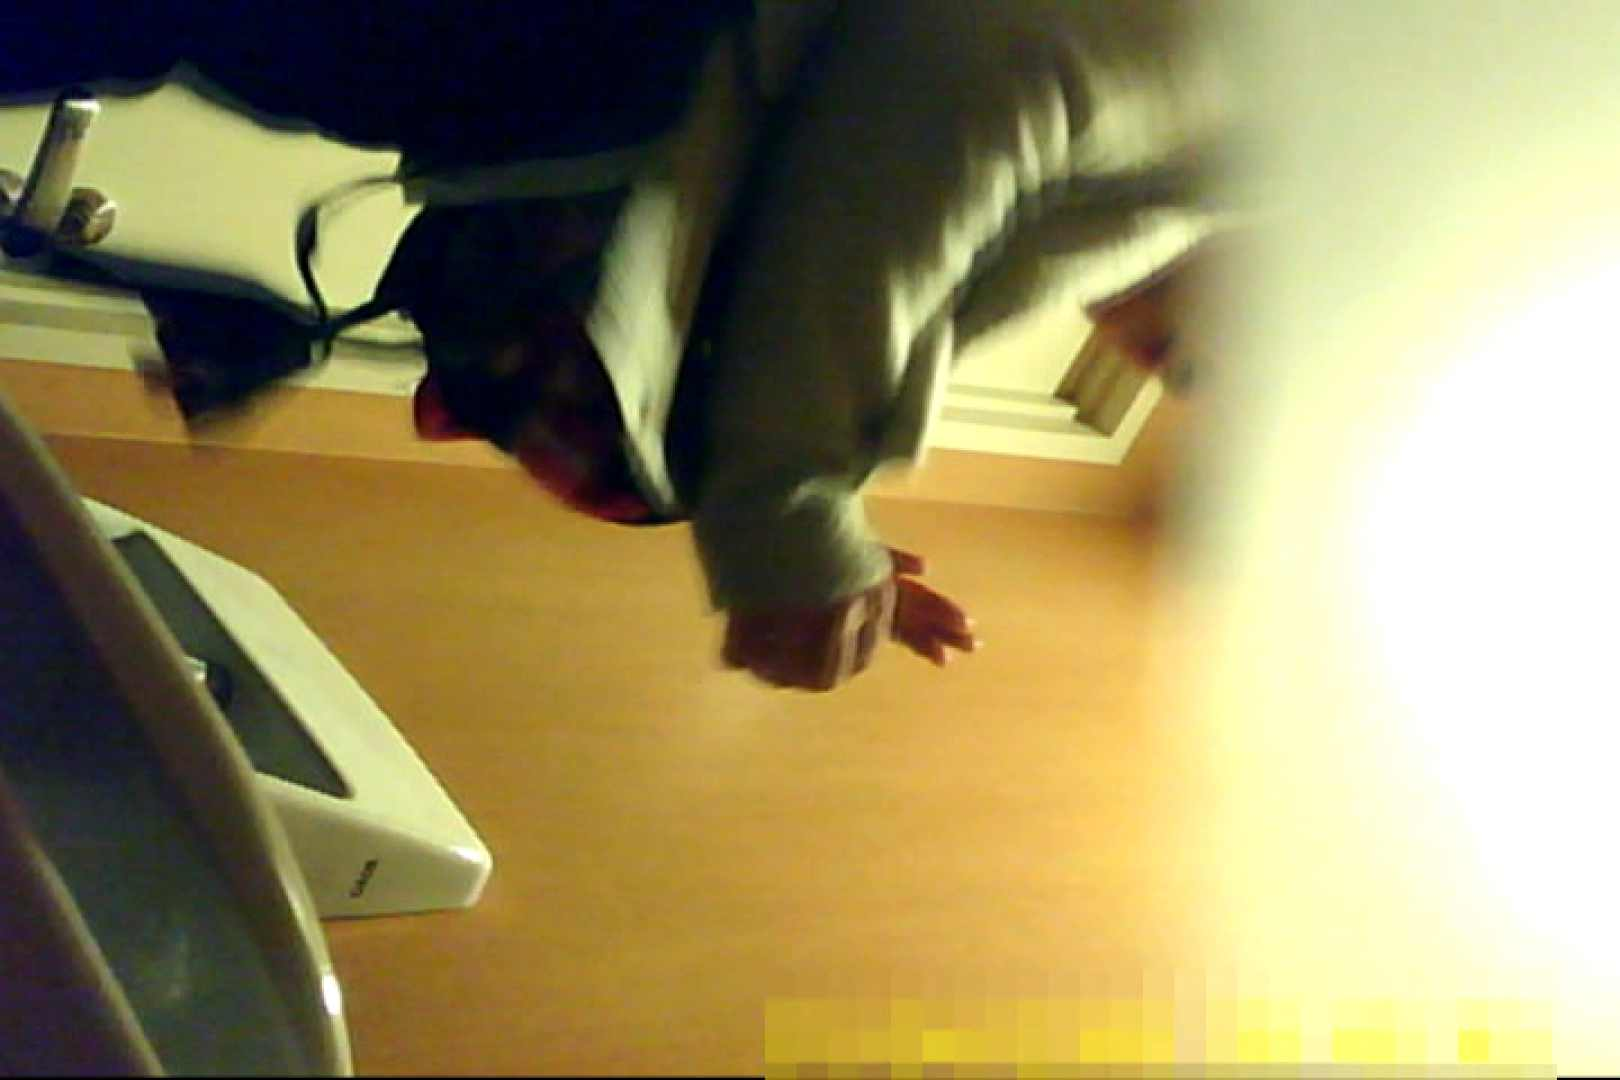 魅惑の化粧室~禁断のプライベート空間~31 盗撮 セックス画像 64pic 44